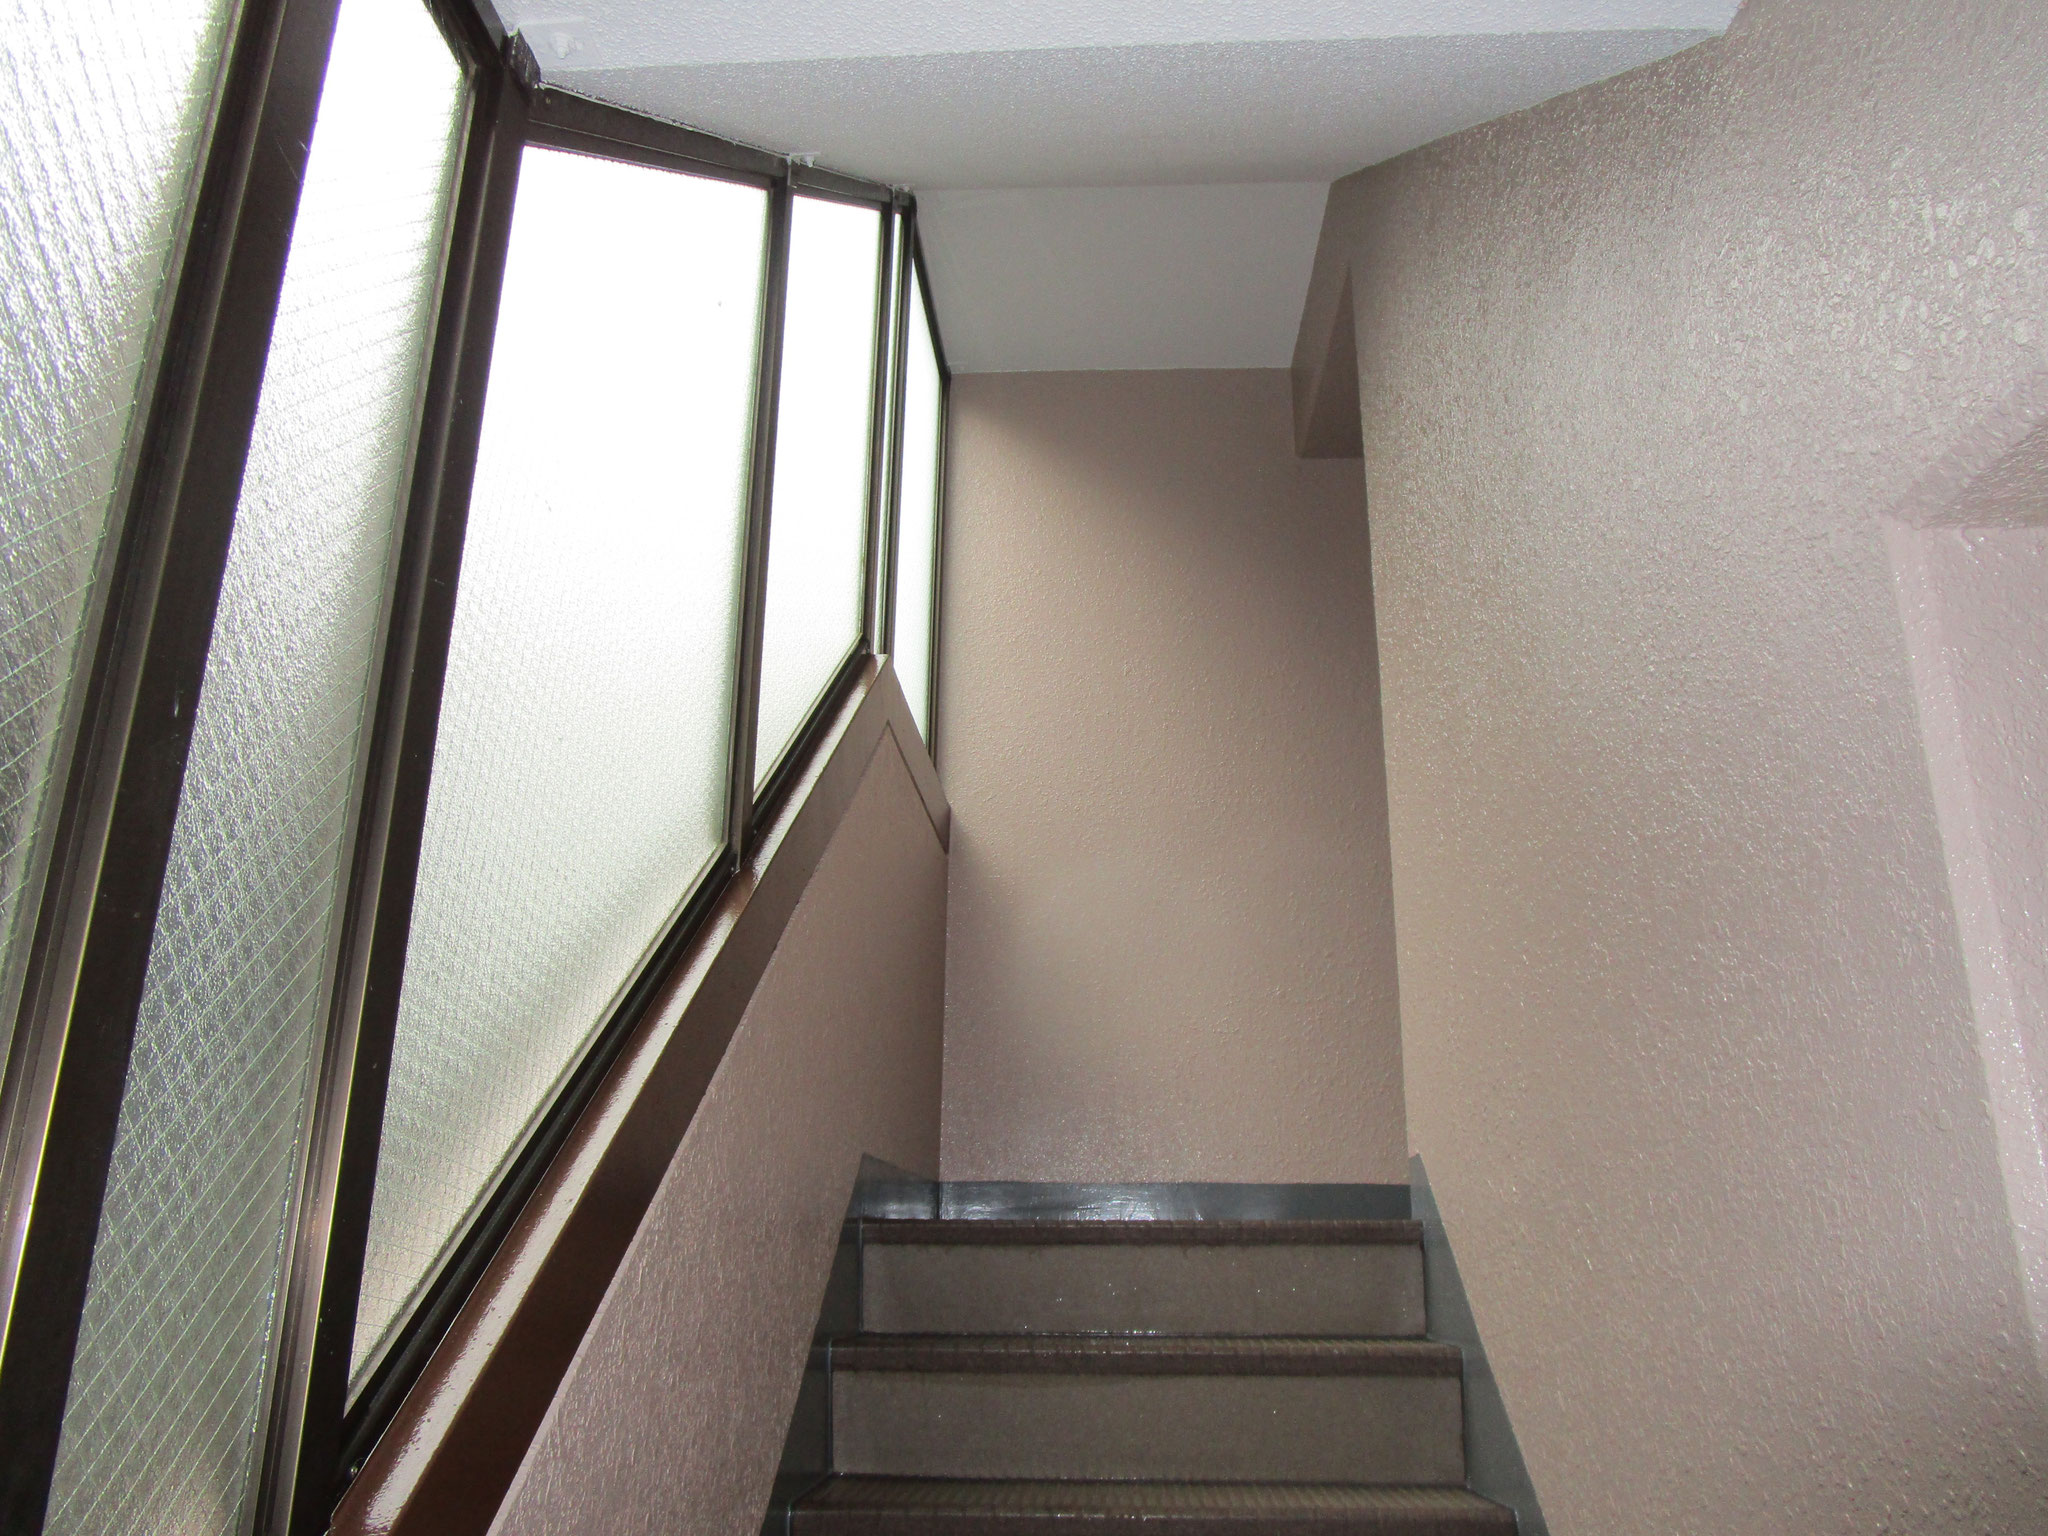 共用の階段部分。天井はホワイト系、壁の色はシャンパン・手すり部分はセピア色です